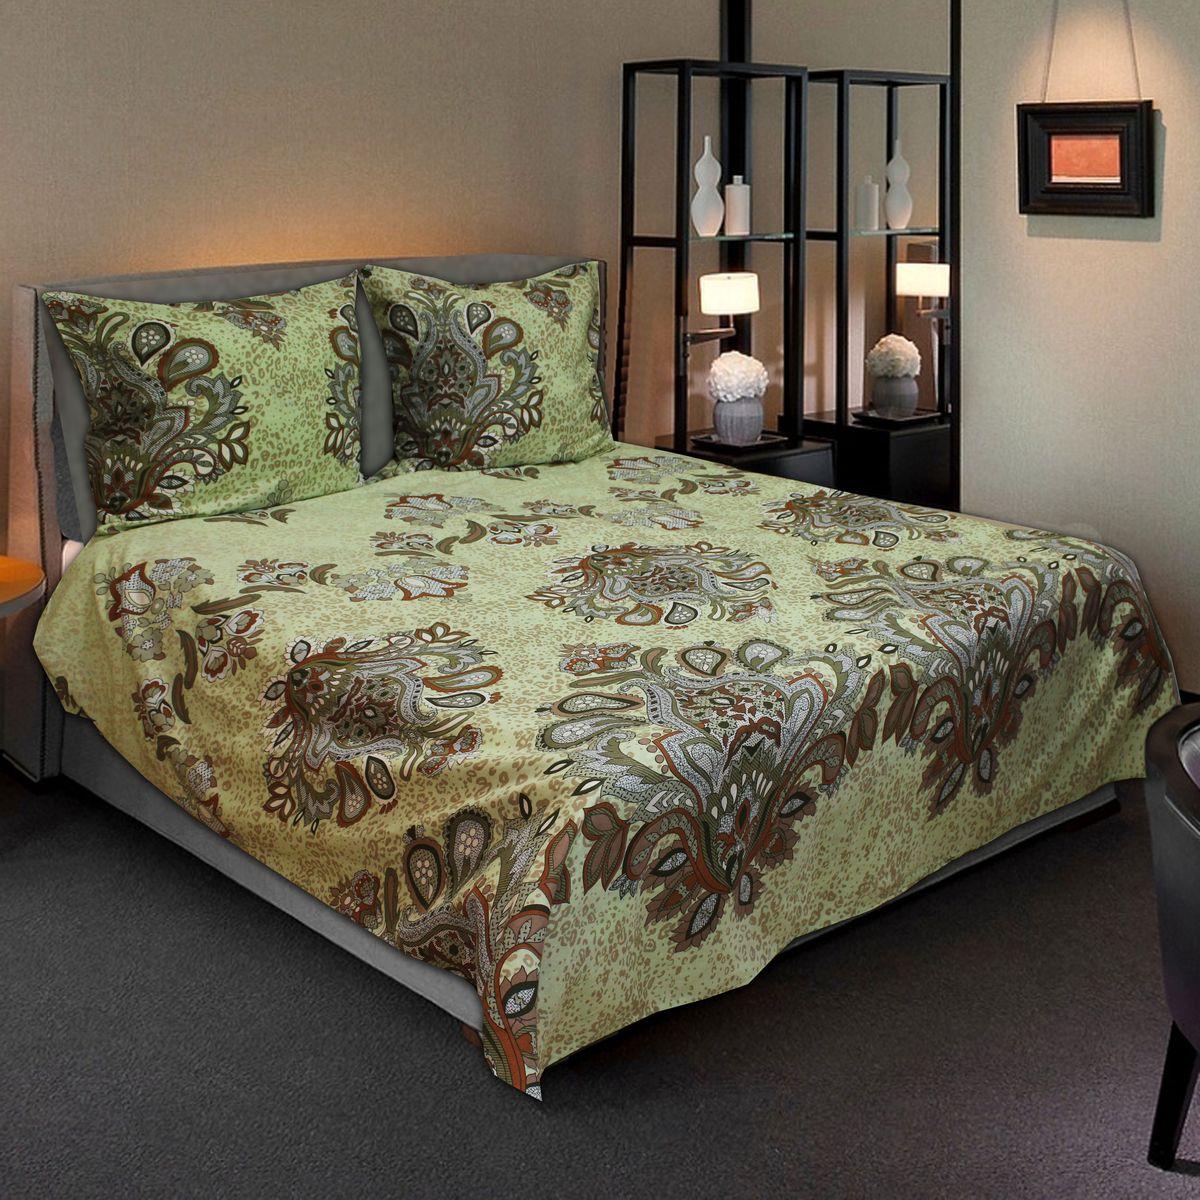 Комплект белья Amore Mio Decor, семейный, наволочки 70х7077768Комплект постельного белья Amore Mio является экологически безопасным для всей семьи, так как выполнен из бязи (100% хлопок). Постельное белье оформлено оригинальным рисунком и имеет изысканный внешний вид. Легкая, плотная, мягкая ткань отлично стирается, гладится, быстро сохнет. Комплект состоит из двух пододеяльников, простыни и двух наволочек.